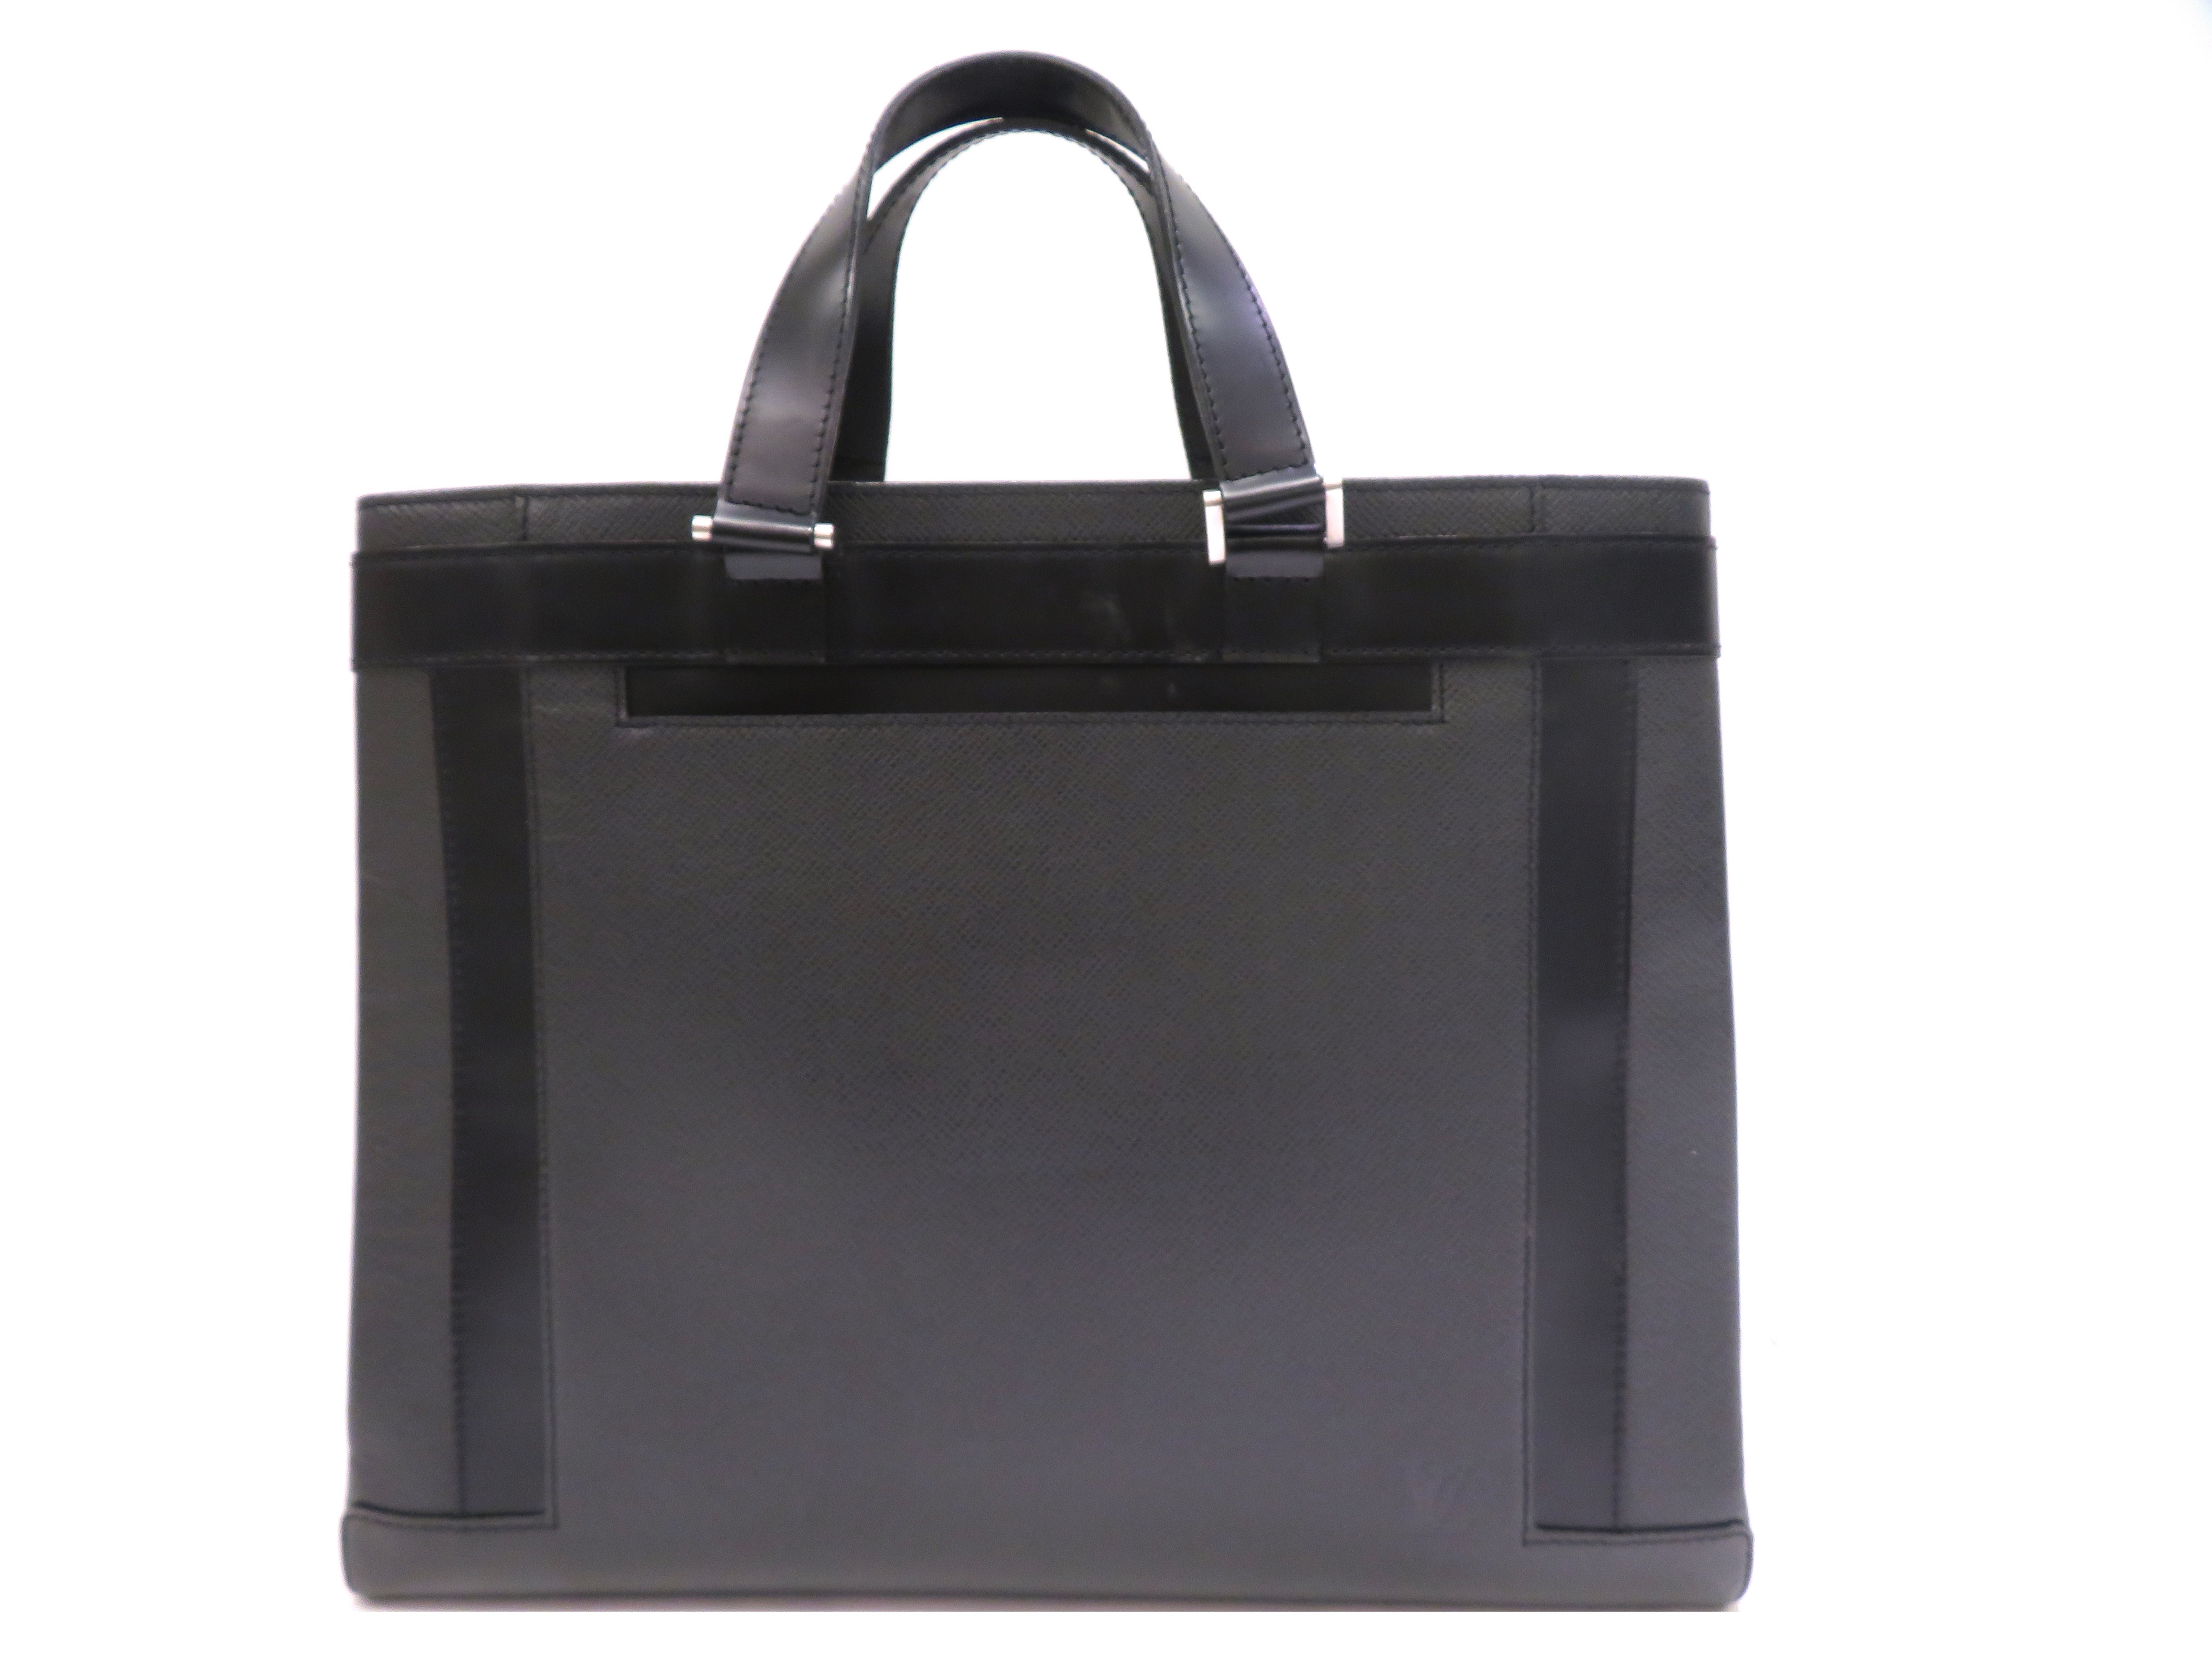 イヴィトン Louis Vuitton タイガ カスベックPM ビジネスバッグ トートバッグ メンズ M31022【472】SS